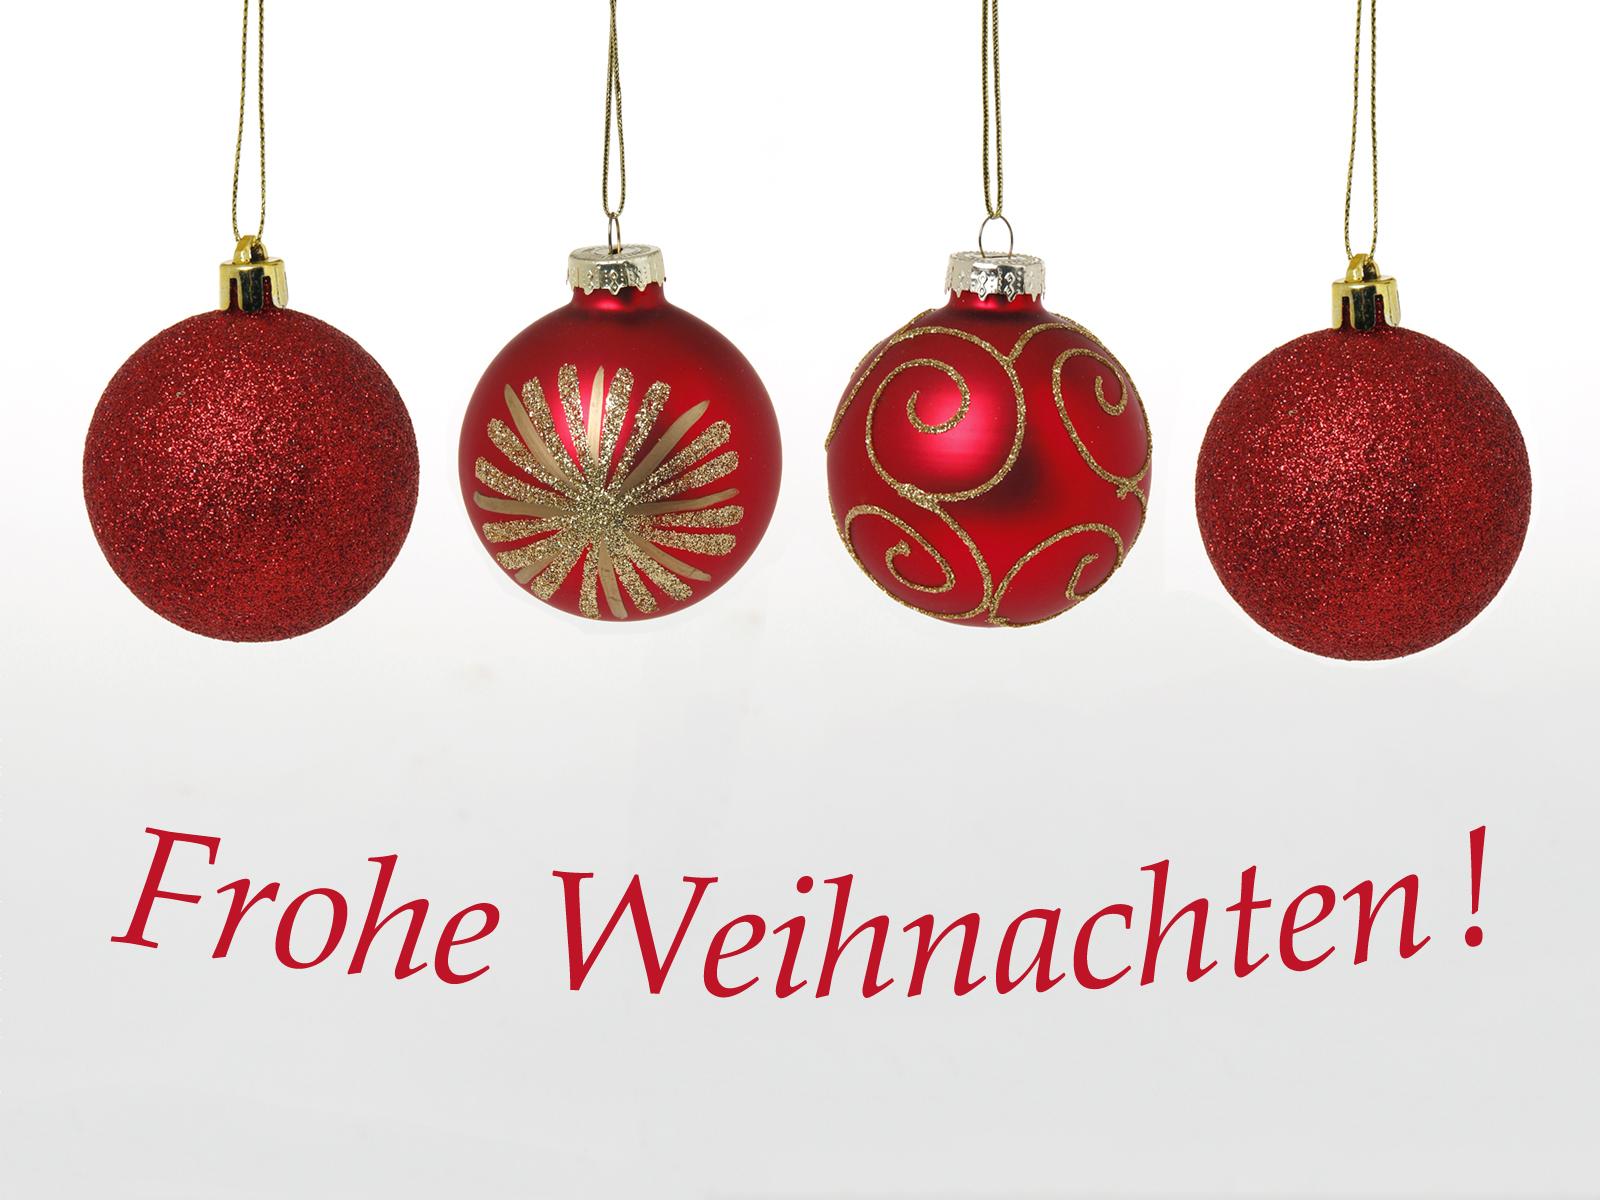 Weihnachtsmotive Für Karten.Frohe Weihnachten Hintergrundbilder Kostenlos Weihnachten